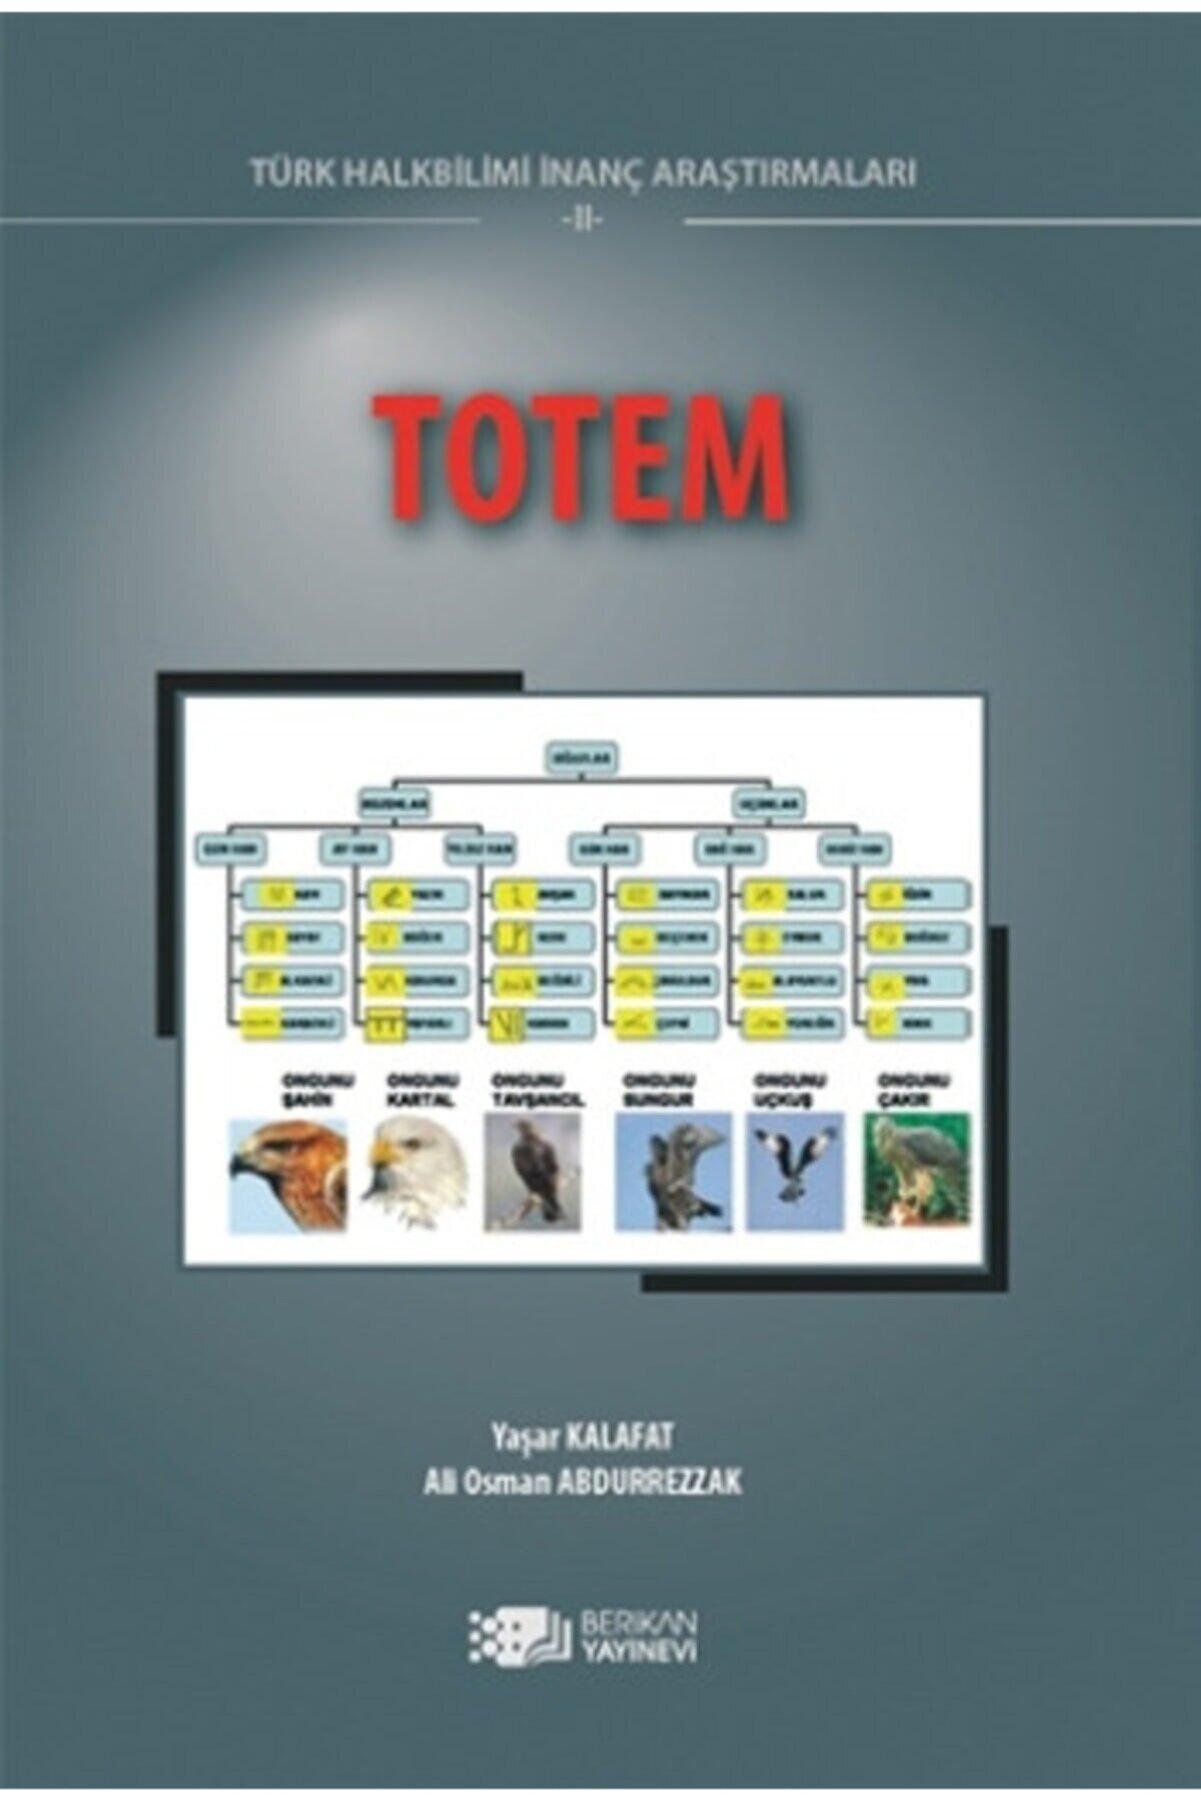 Berikan Yayınları Totem Halk Bilimi Inanç Araştırmaları Iı